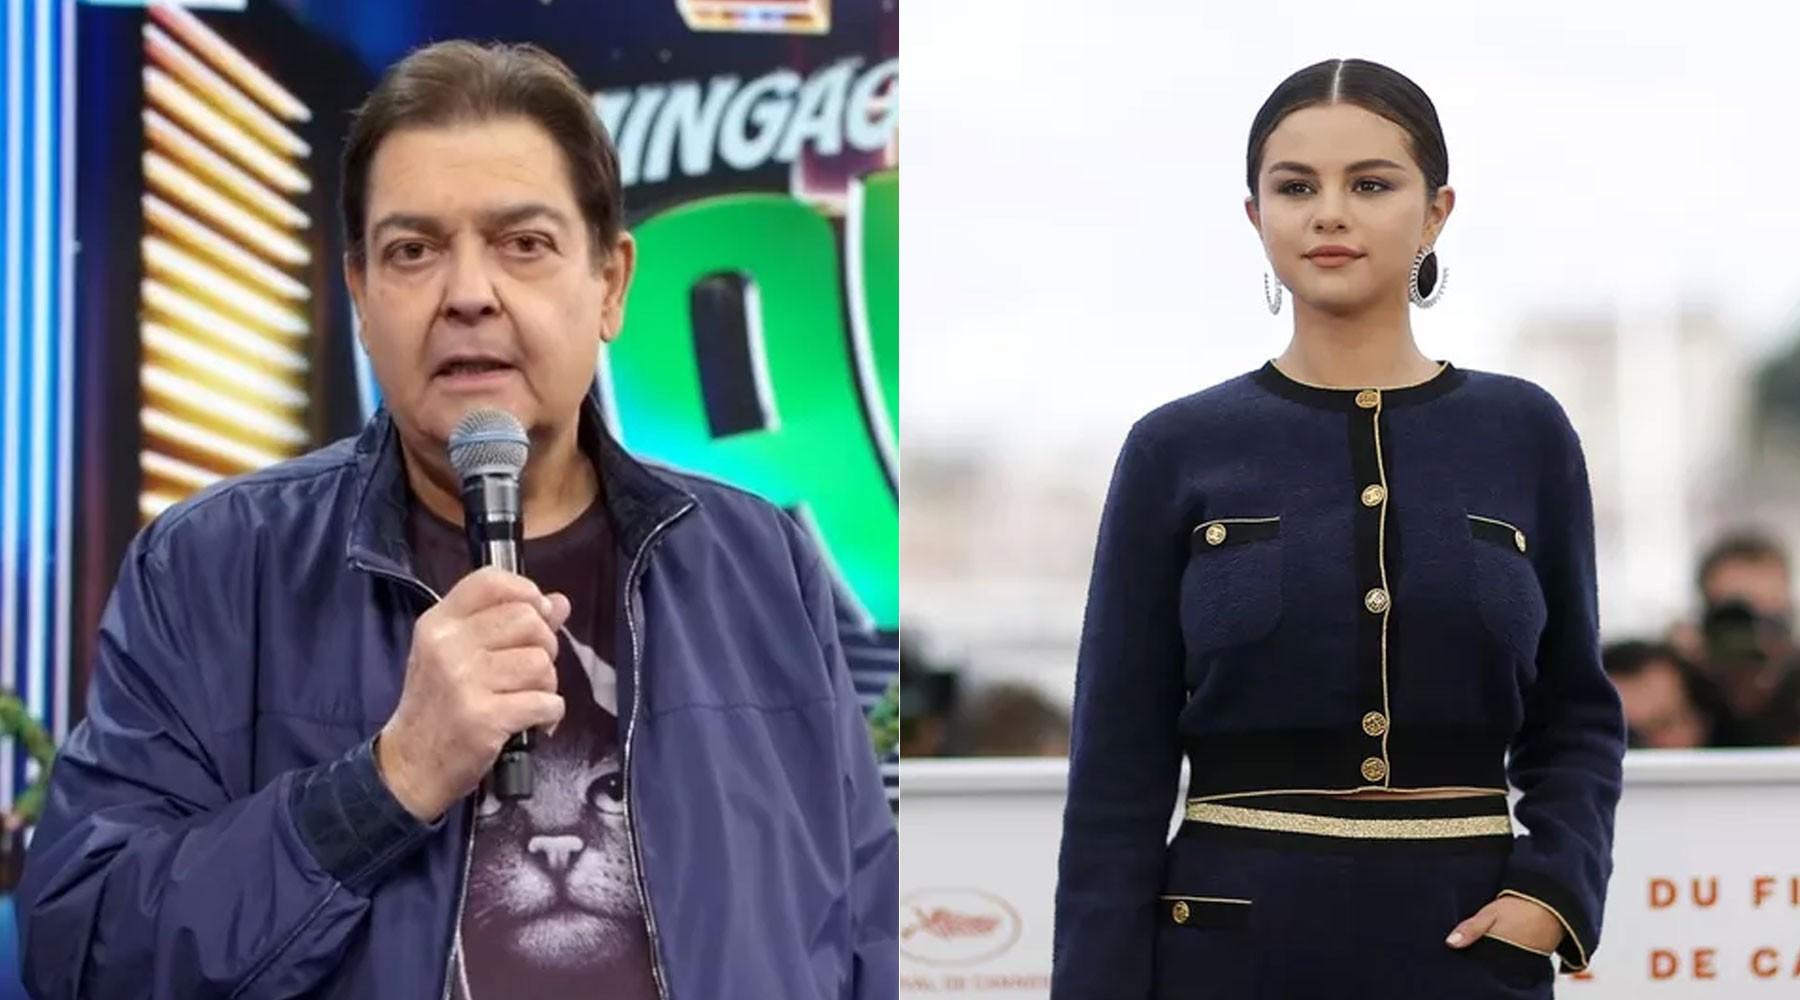 TV Globo brinca nas redes sociais com meme sobre namoro fictício de Selena Gomez e Faustão em anúncio de saída do apresentador